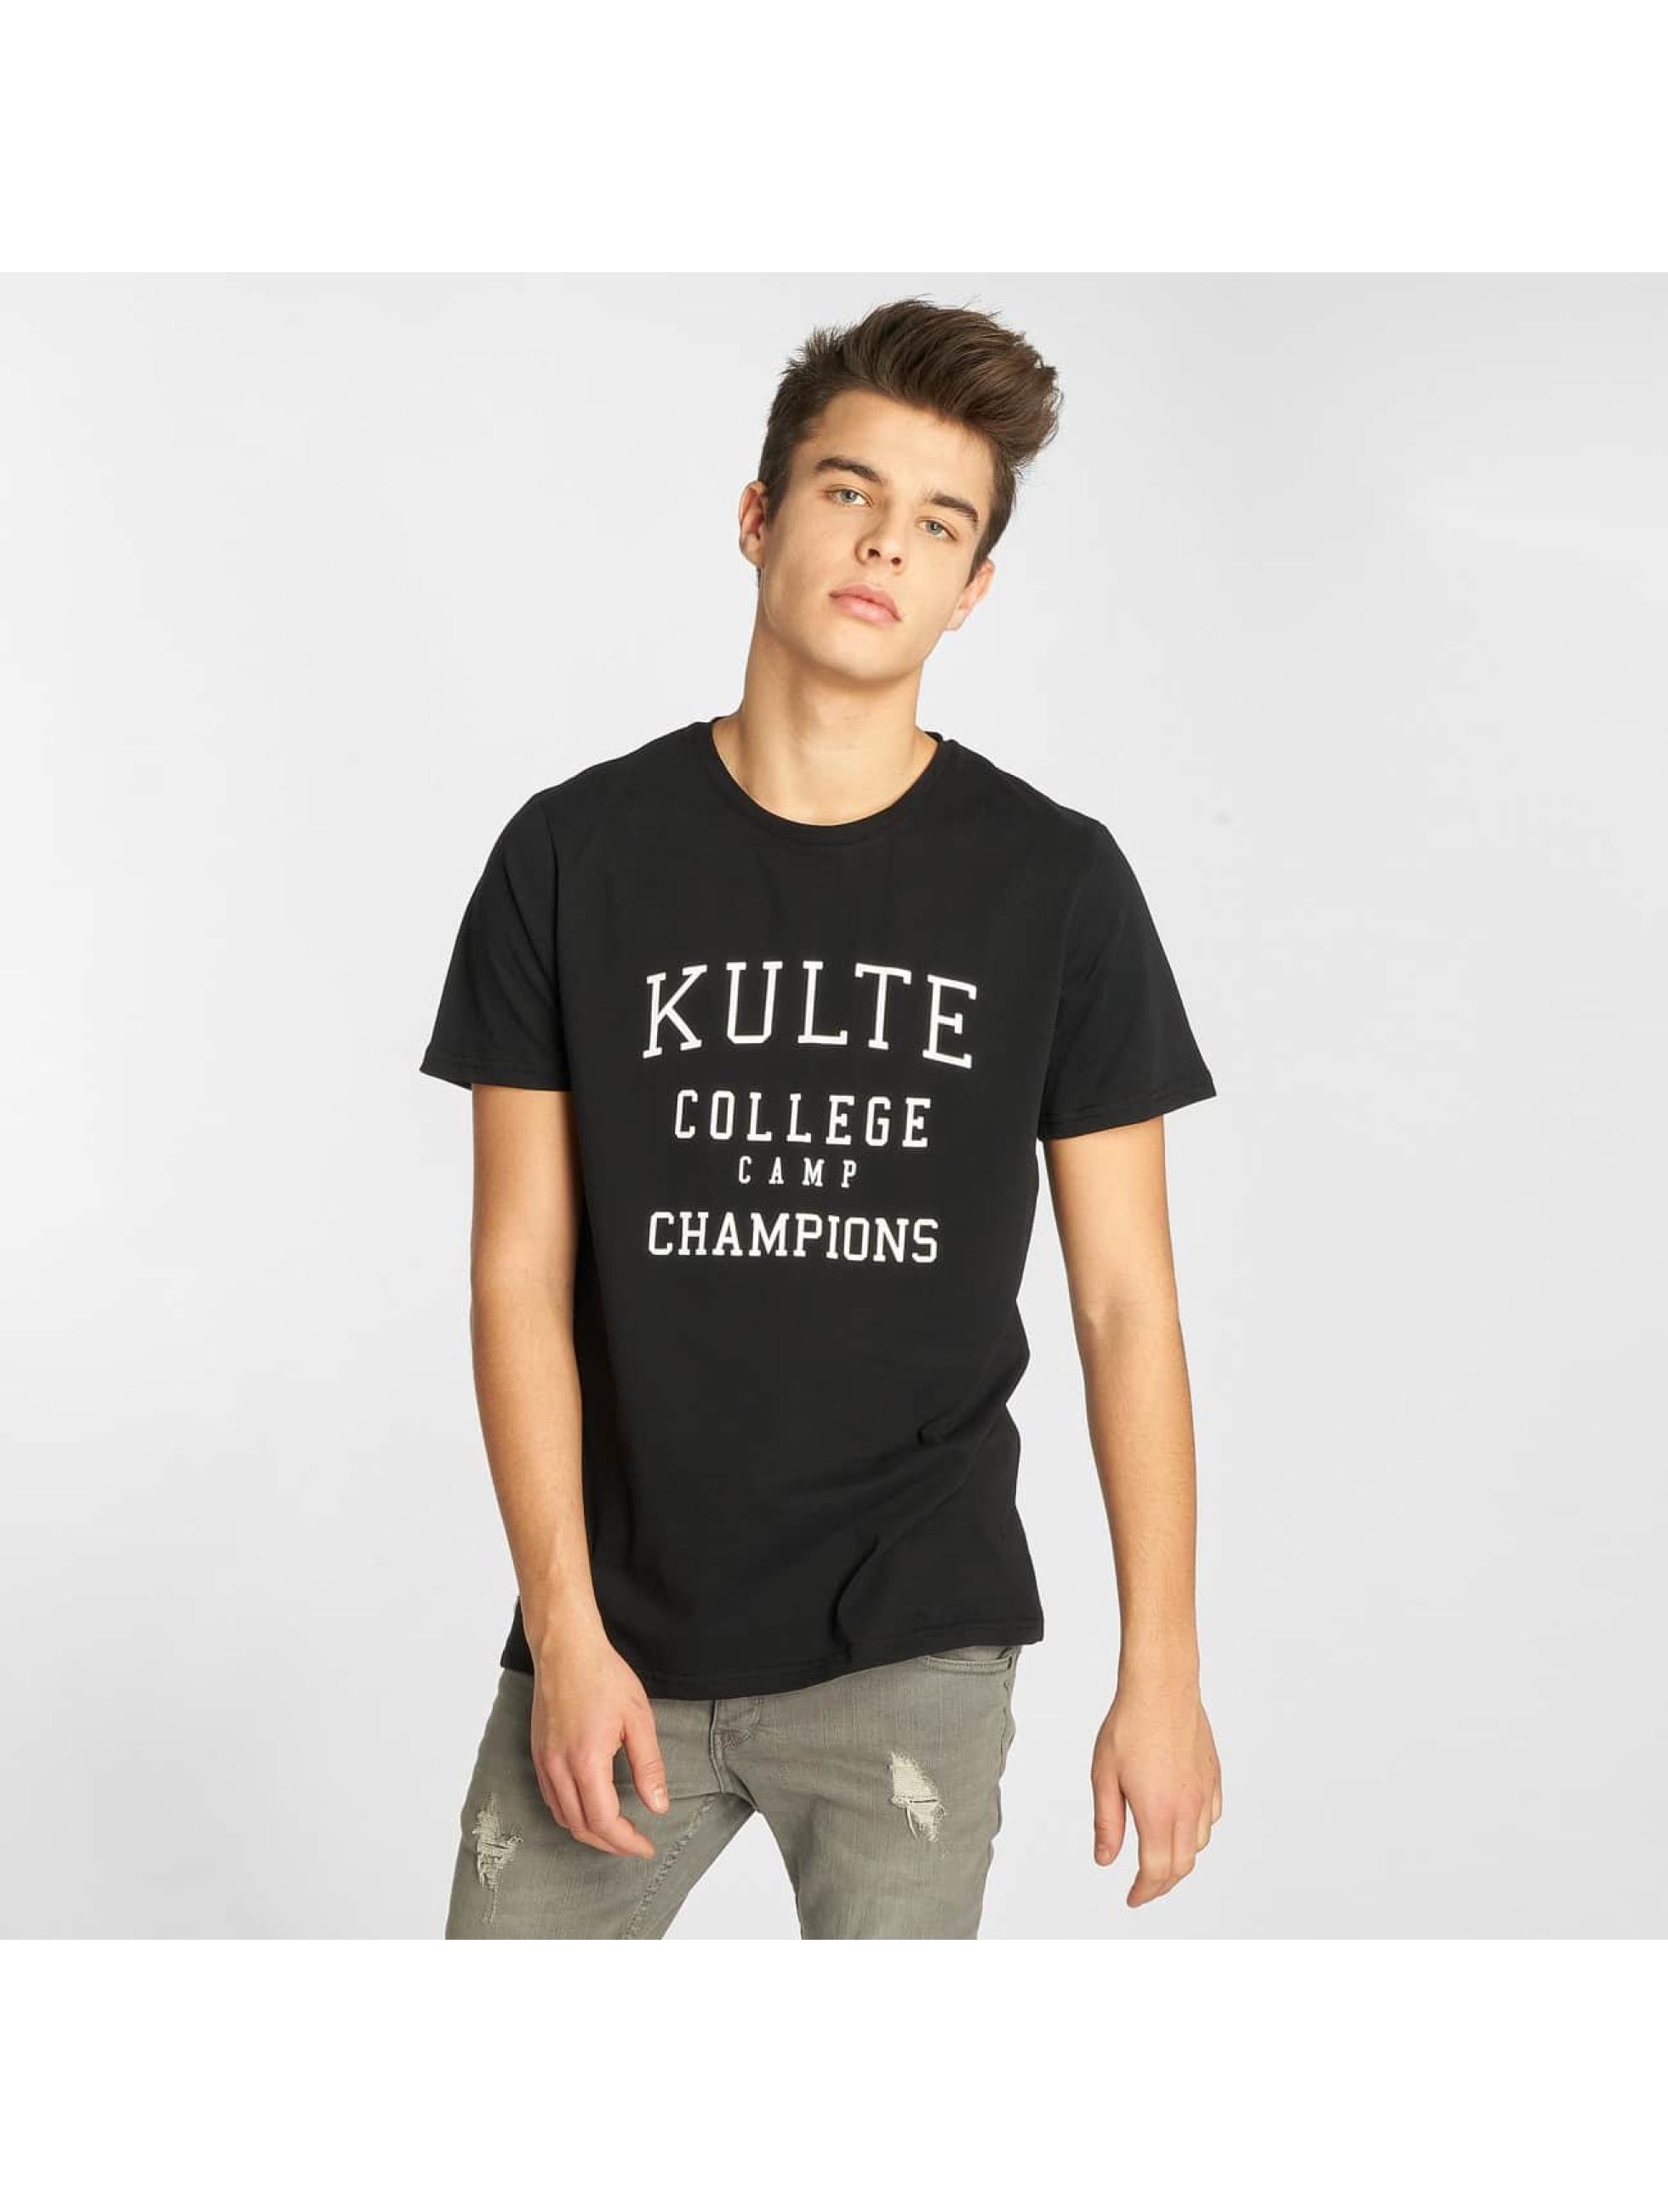 Kulte T-shirt Corpo College Champion nero